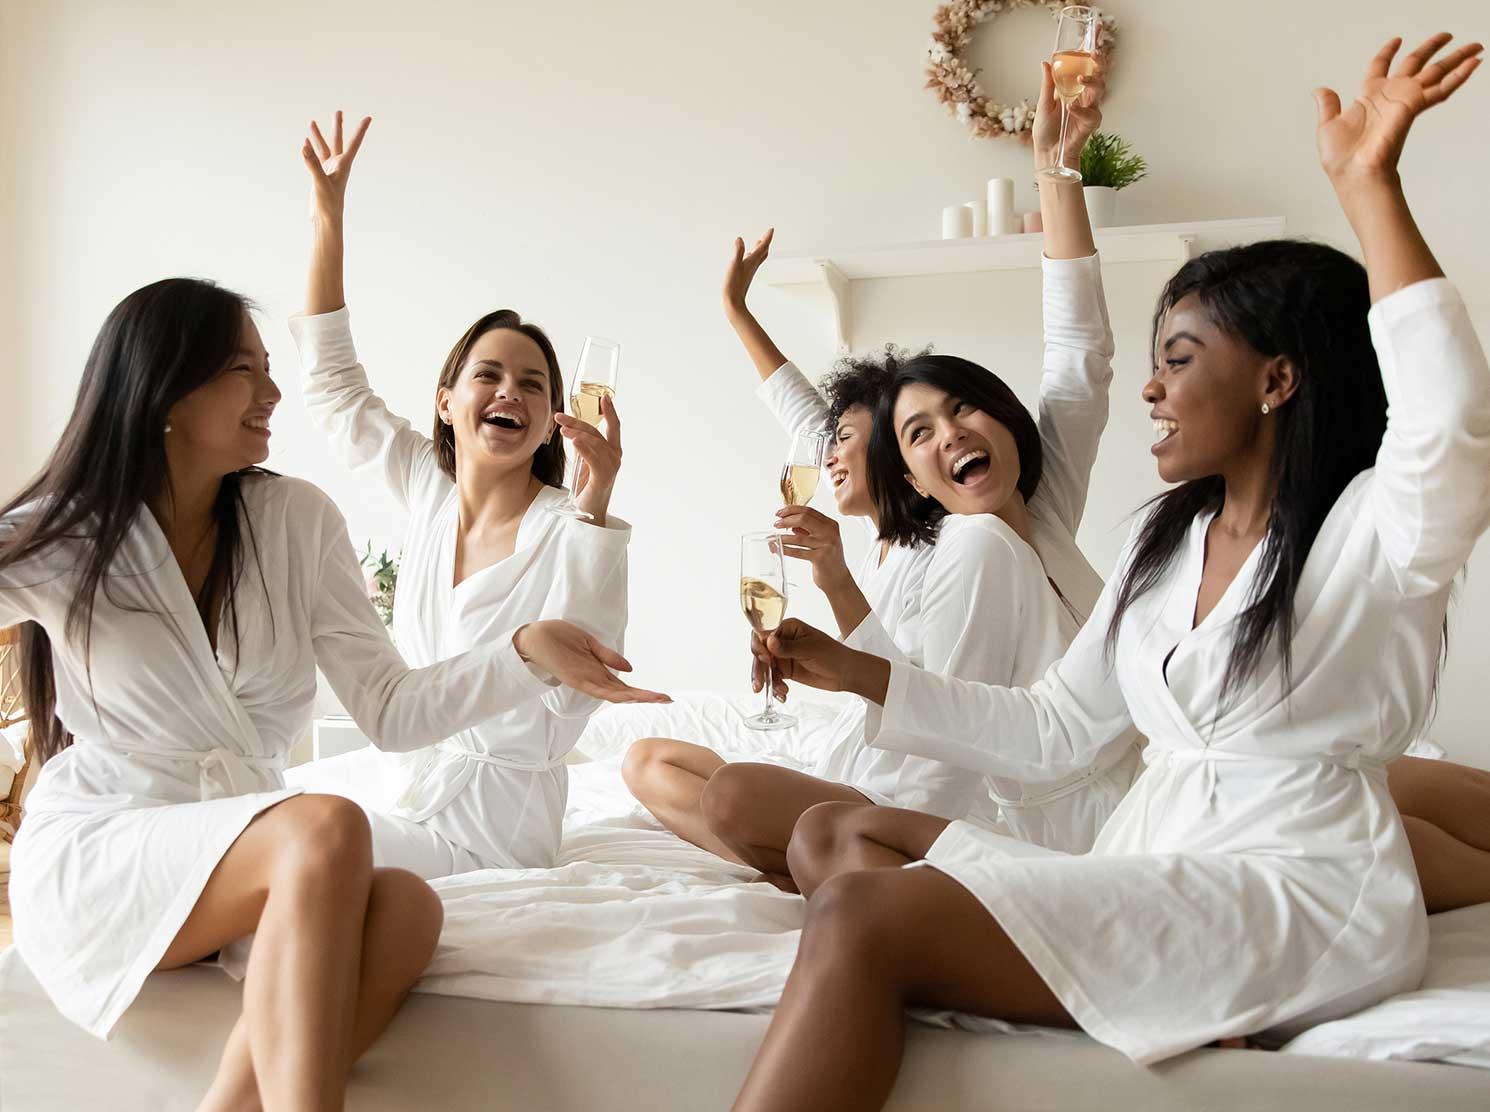 Women enjoying a girls getaway